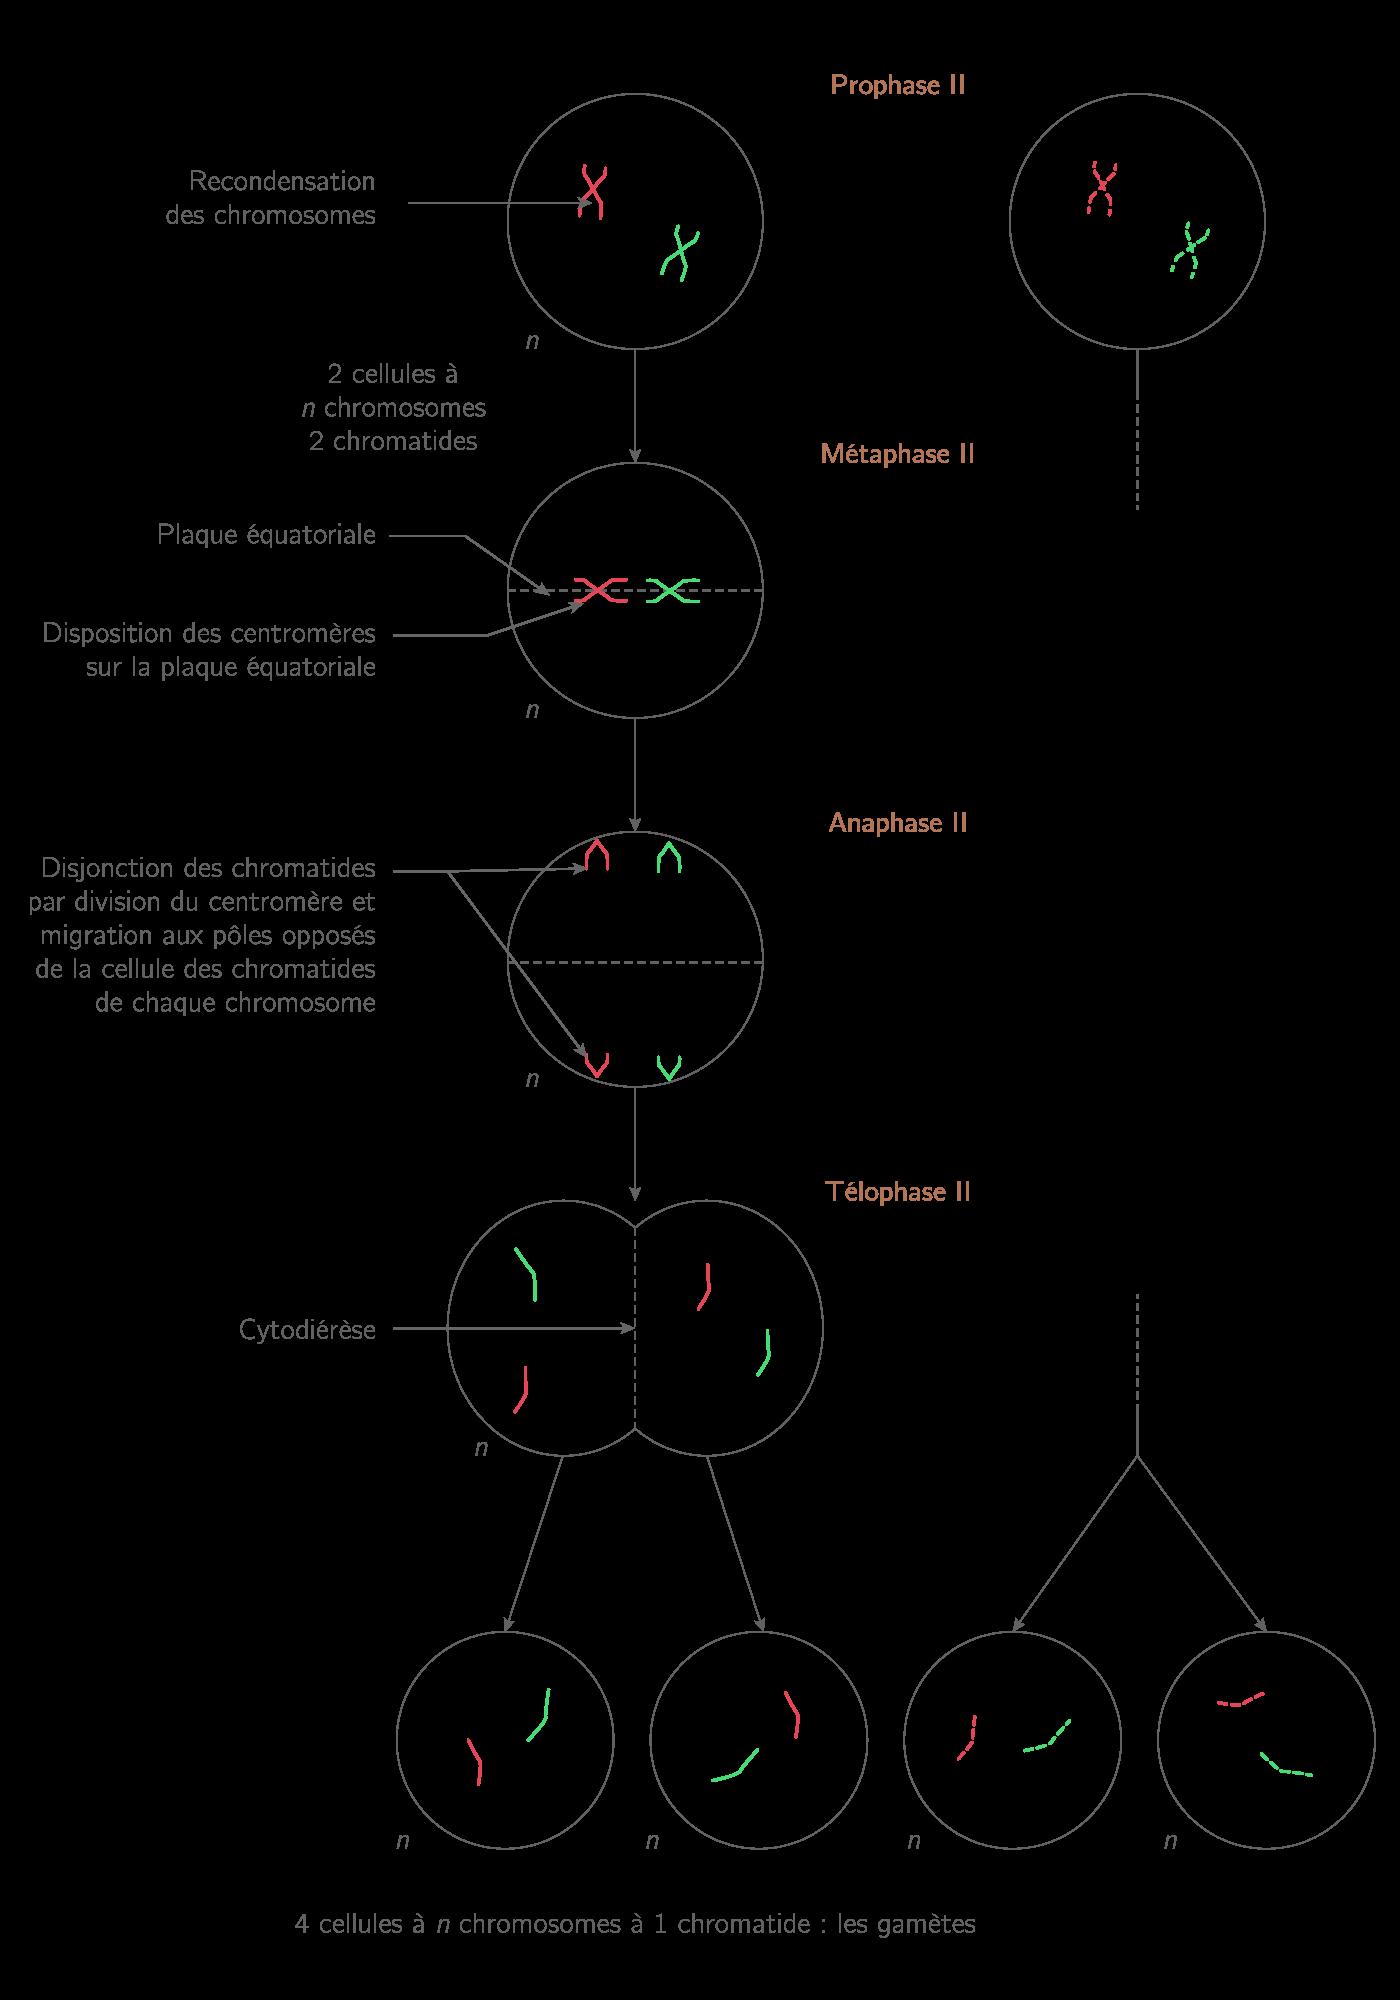 Deuxième division de méiose ou division équationnelle à partir d'une cellule-mère à 2n = 4 chromosomes